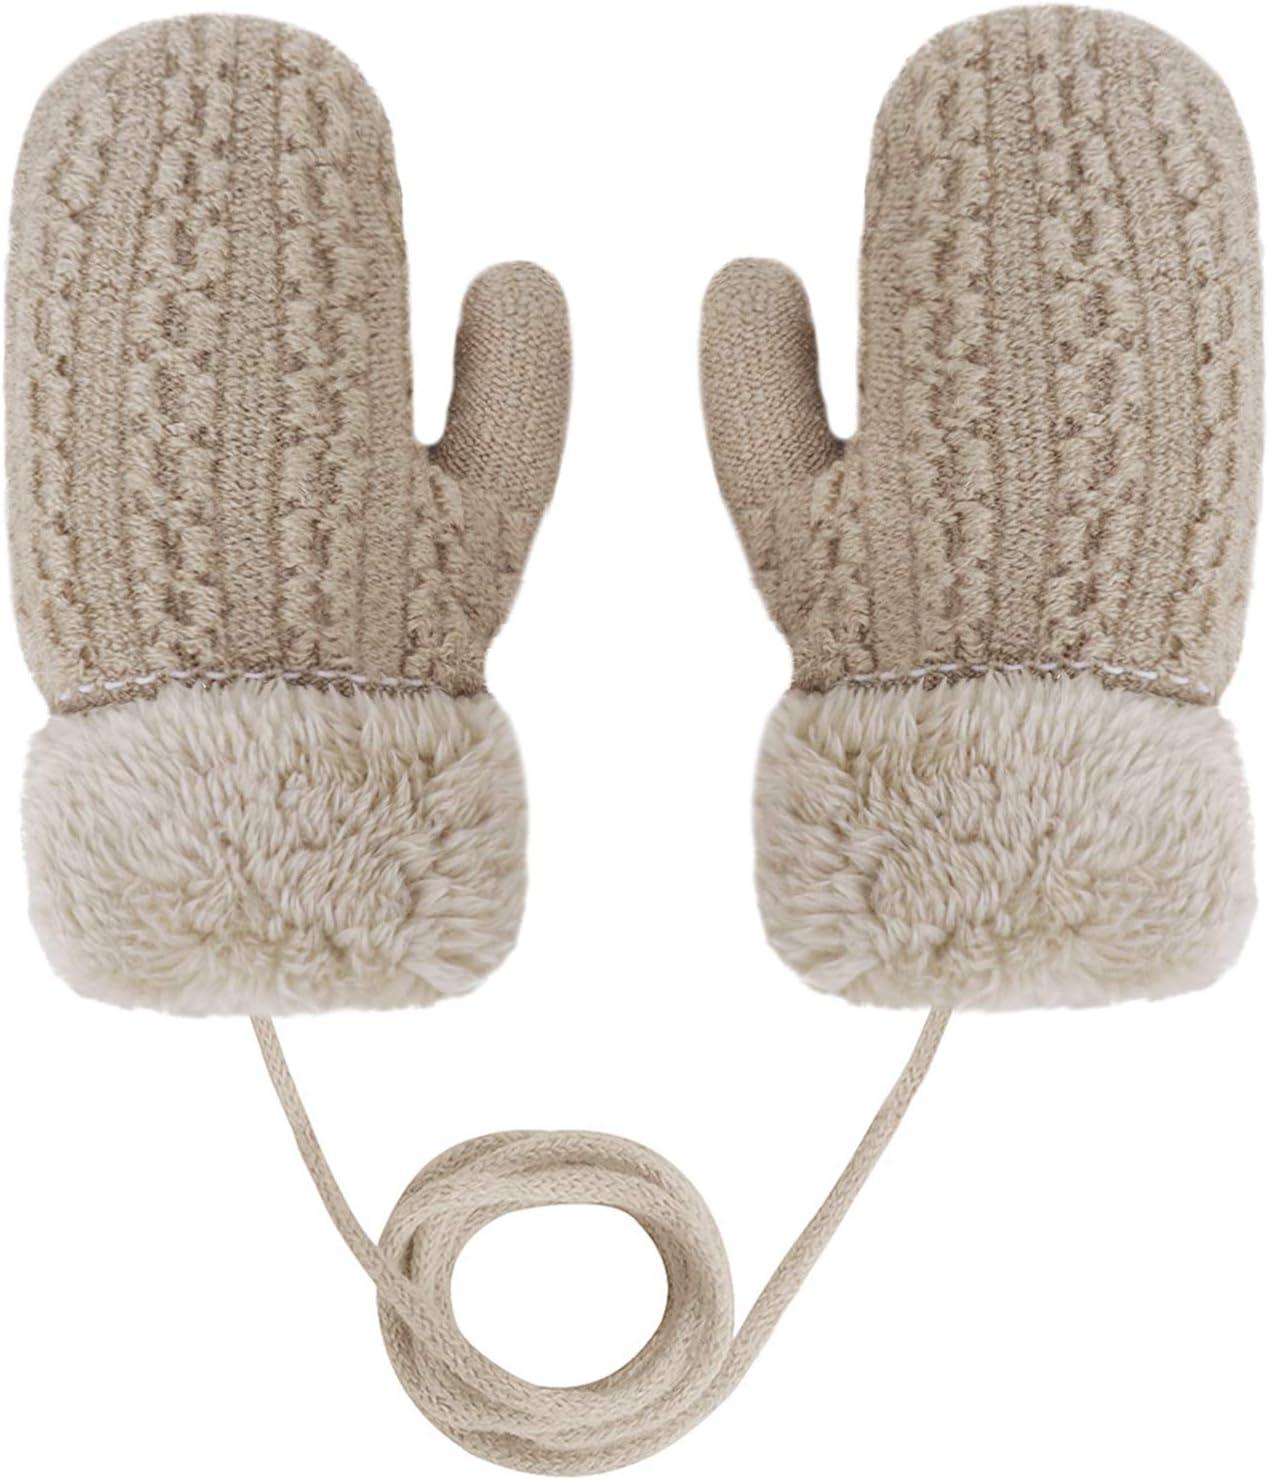 Hinder Moufles de ski pour enfants avec ficelle chaude doubl/ée en polaire Gants r/ésistants /à leau pour gar/çons filles 3 5 ans